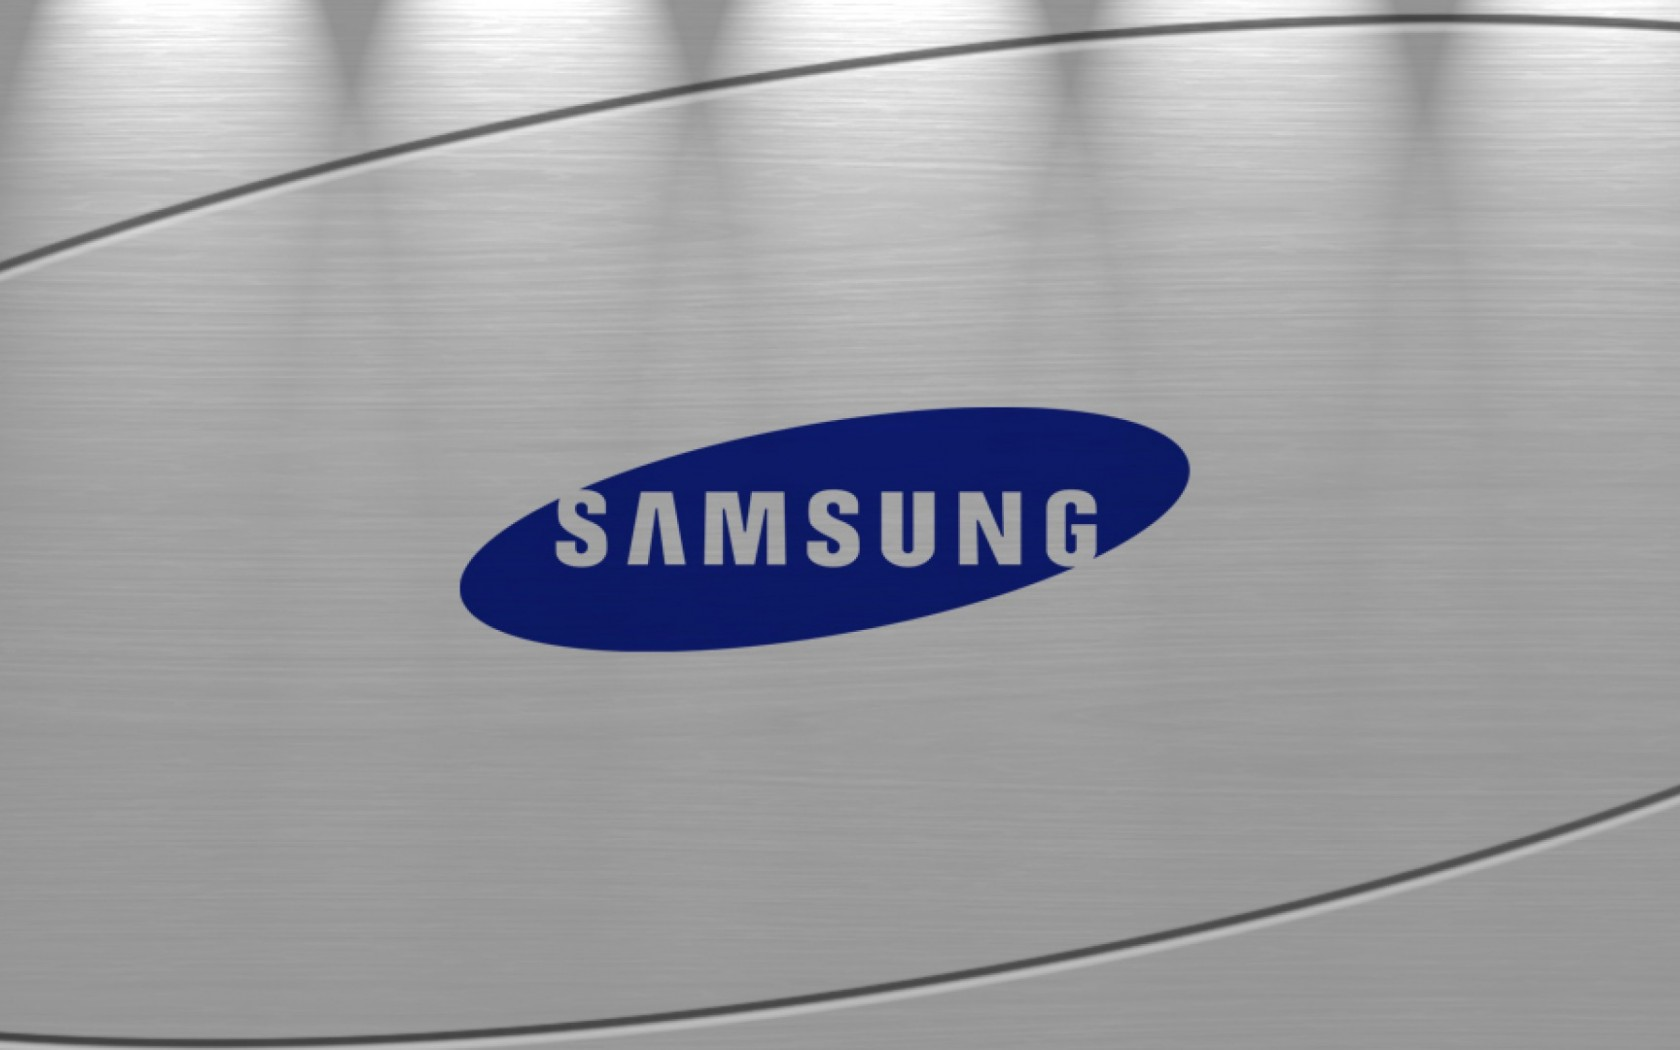 Samsung Hd Wallpaper 1680x1050 Hd Wallpaper Wallpapers Net